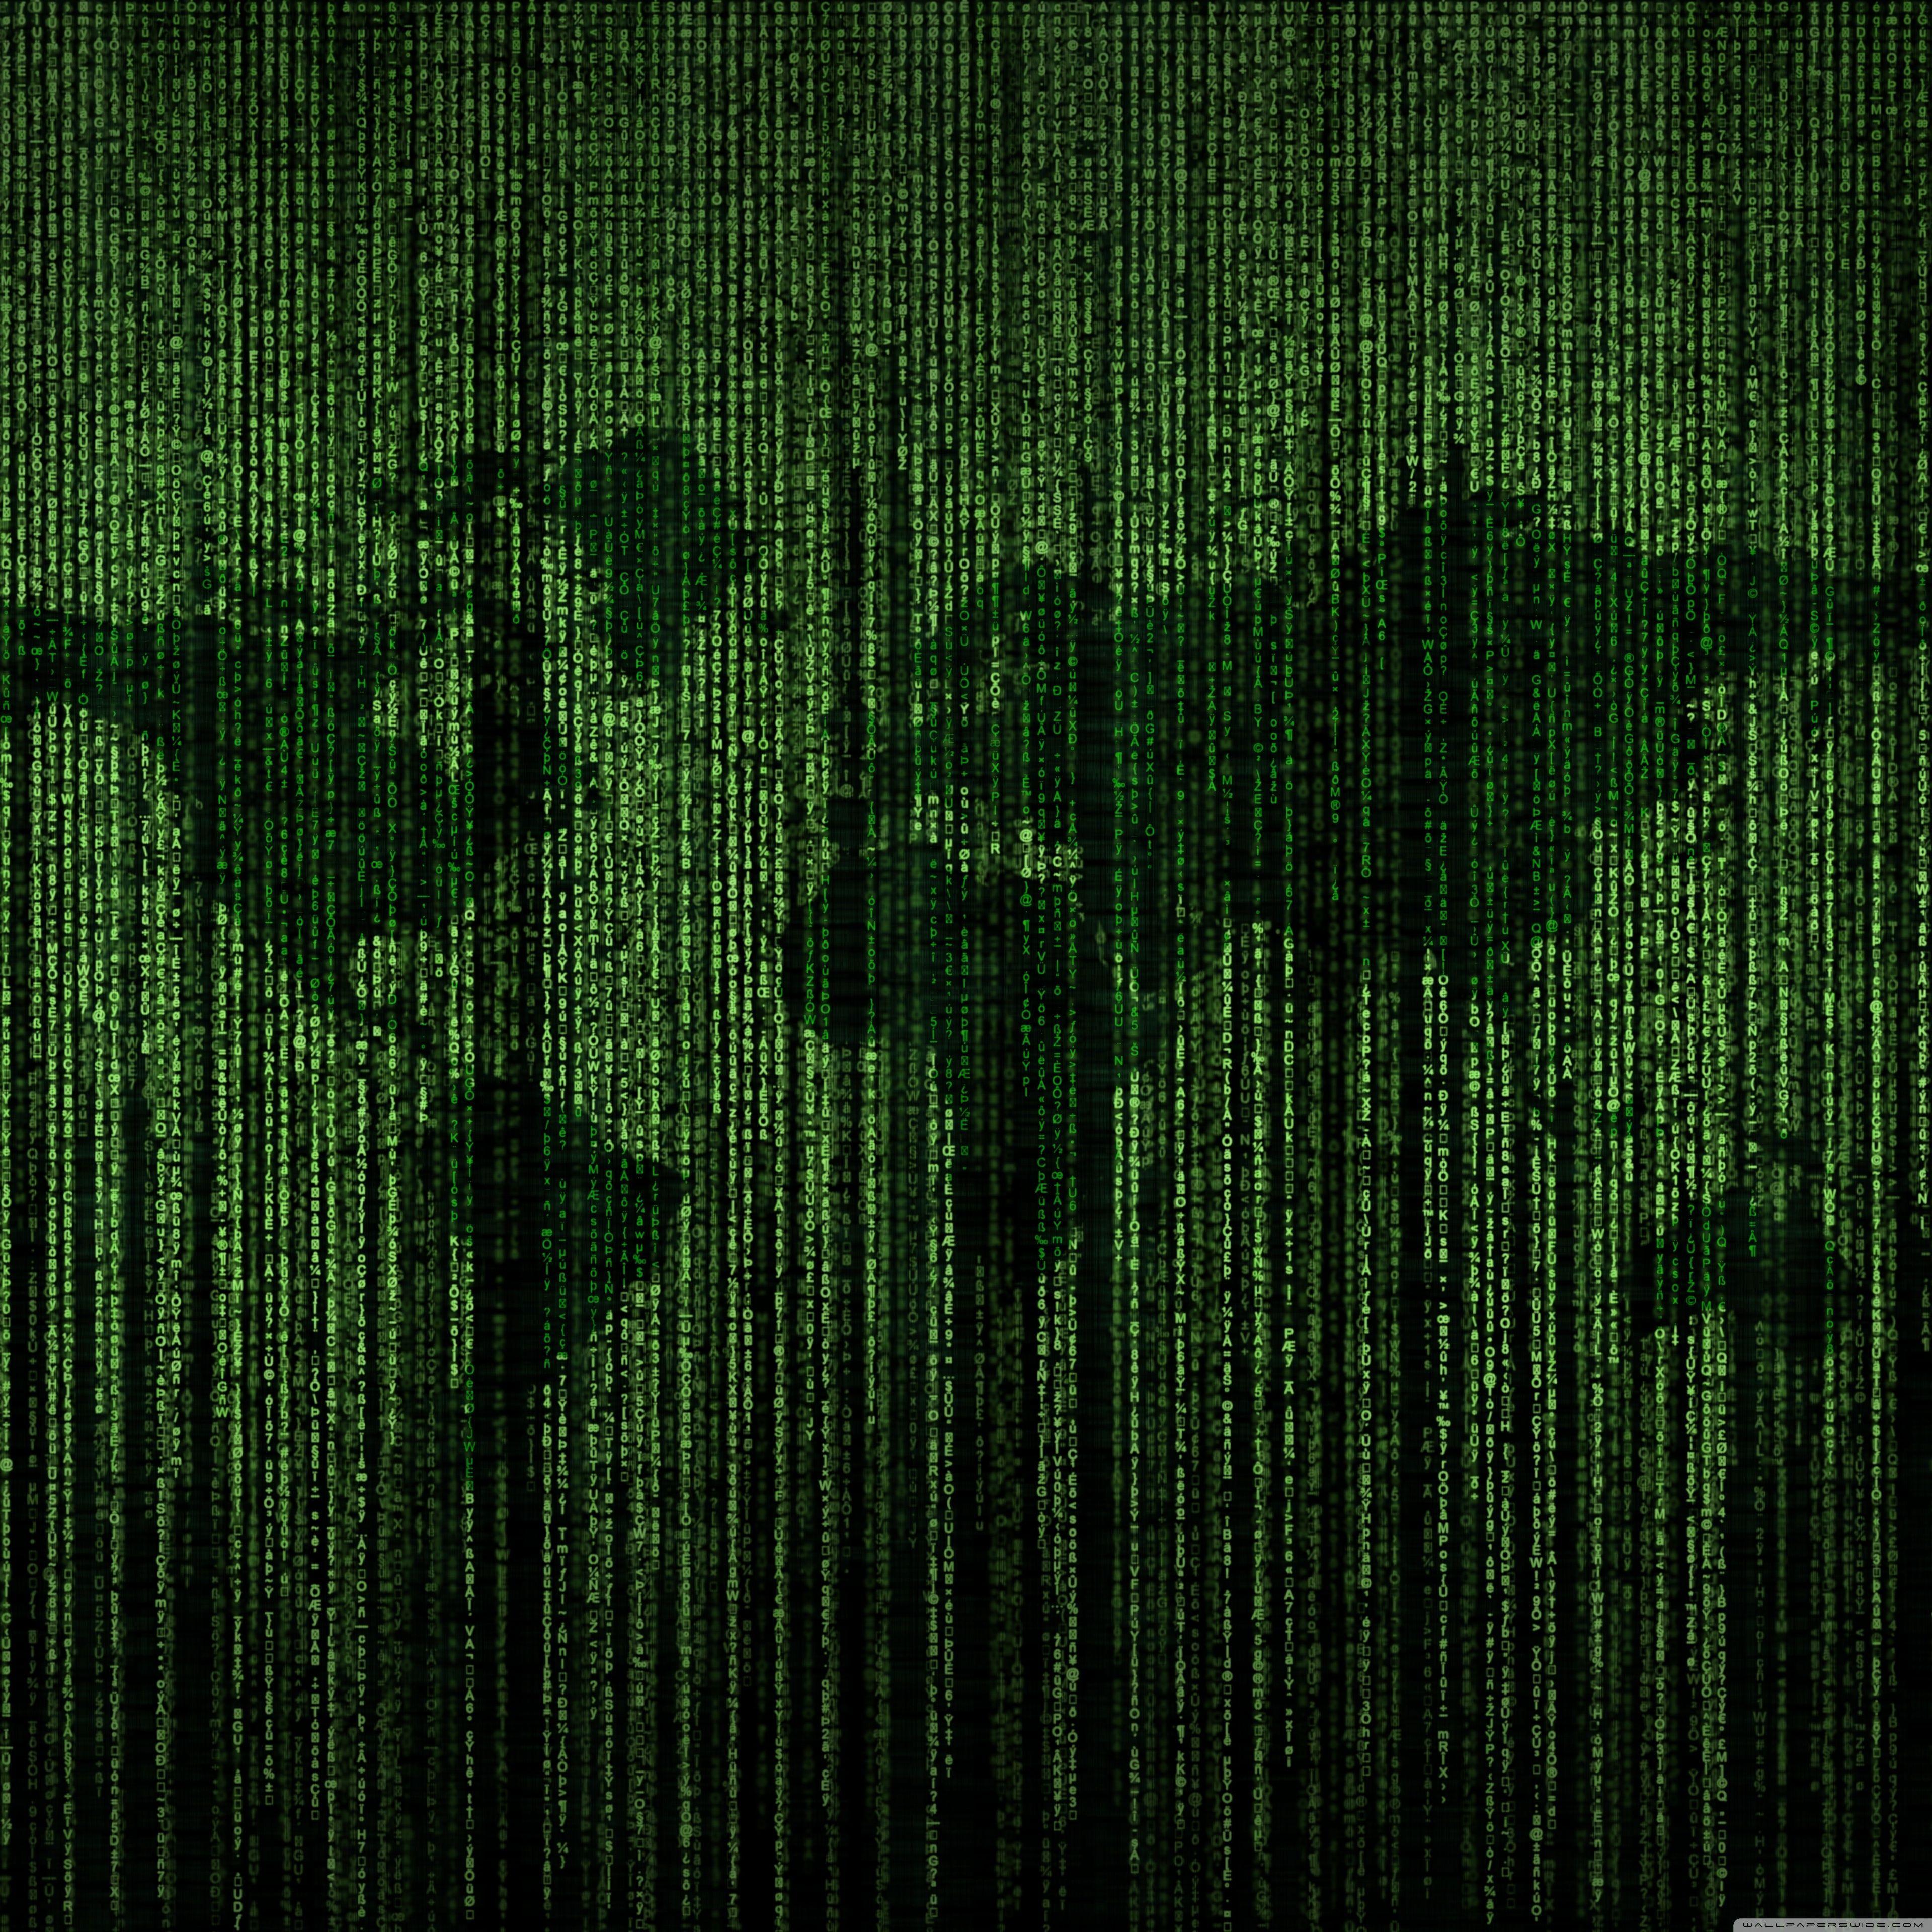 3840x3840 Tải xuống miễn phí Mã ma trận xanh Bản đồ thế giới Hình nền máy tính 4K HD